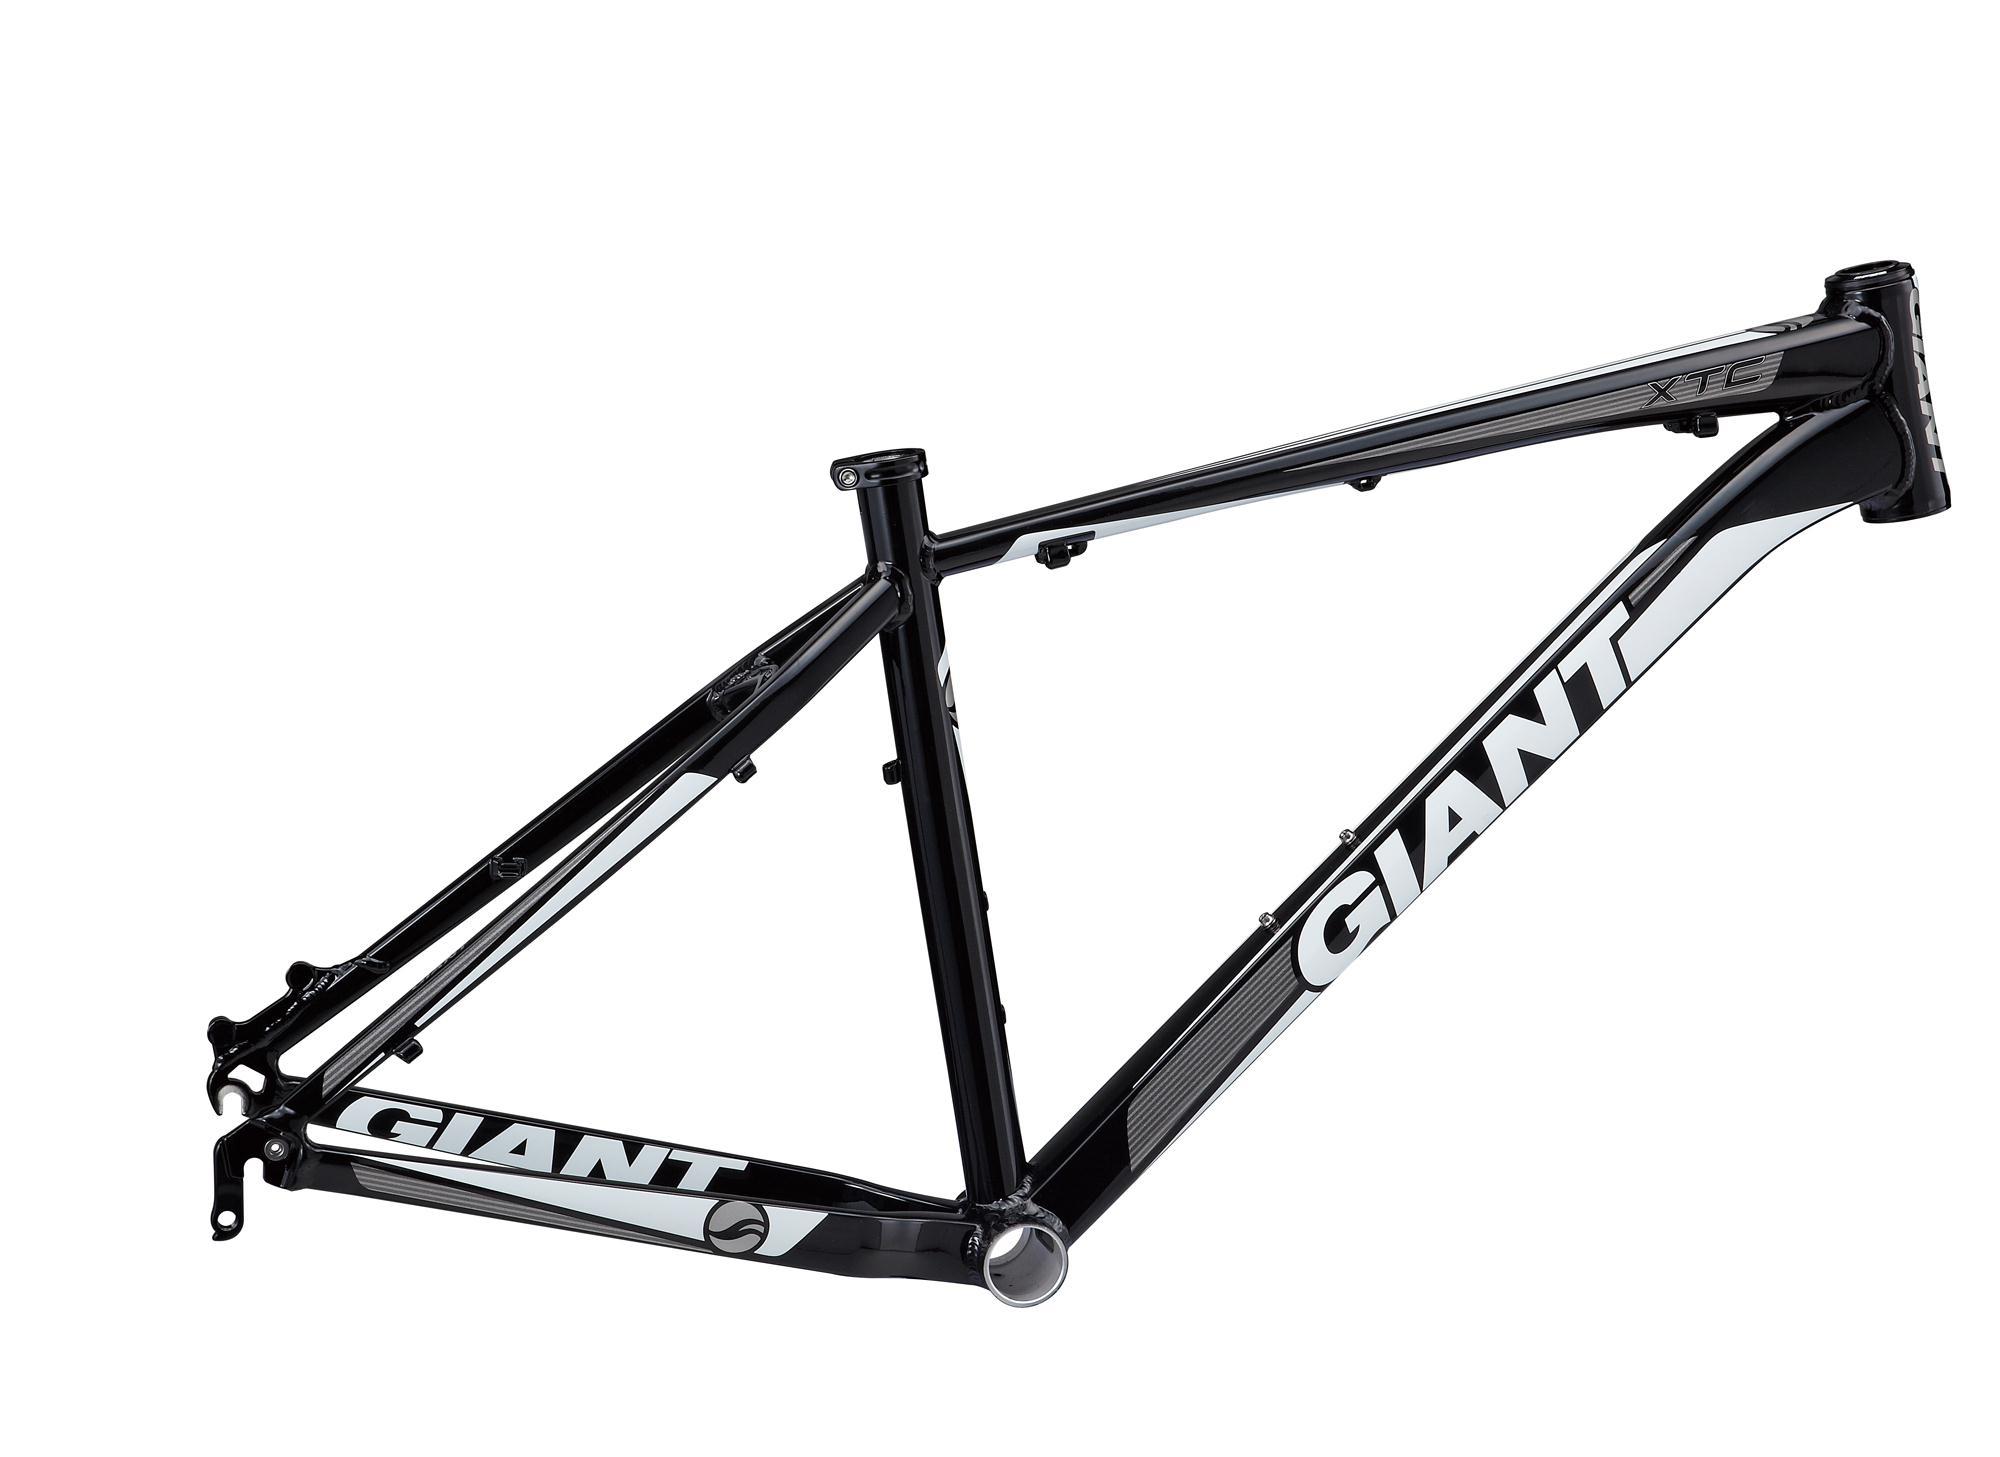 giant xtc fr frame price - Bike Forums